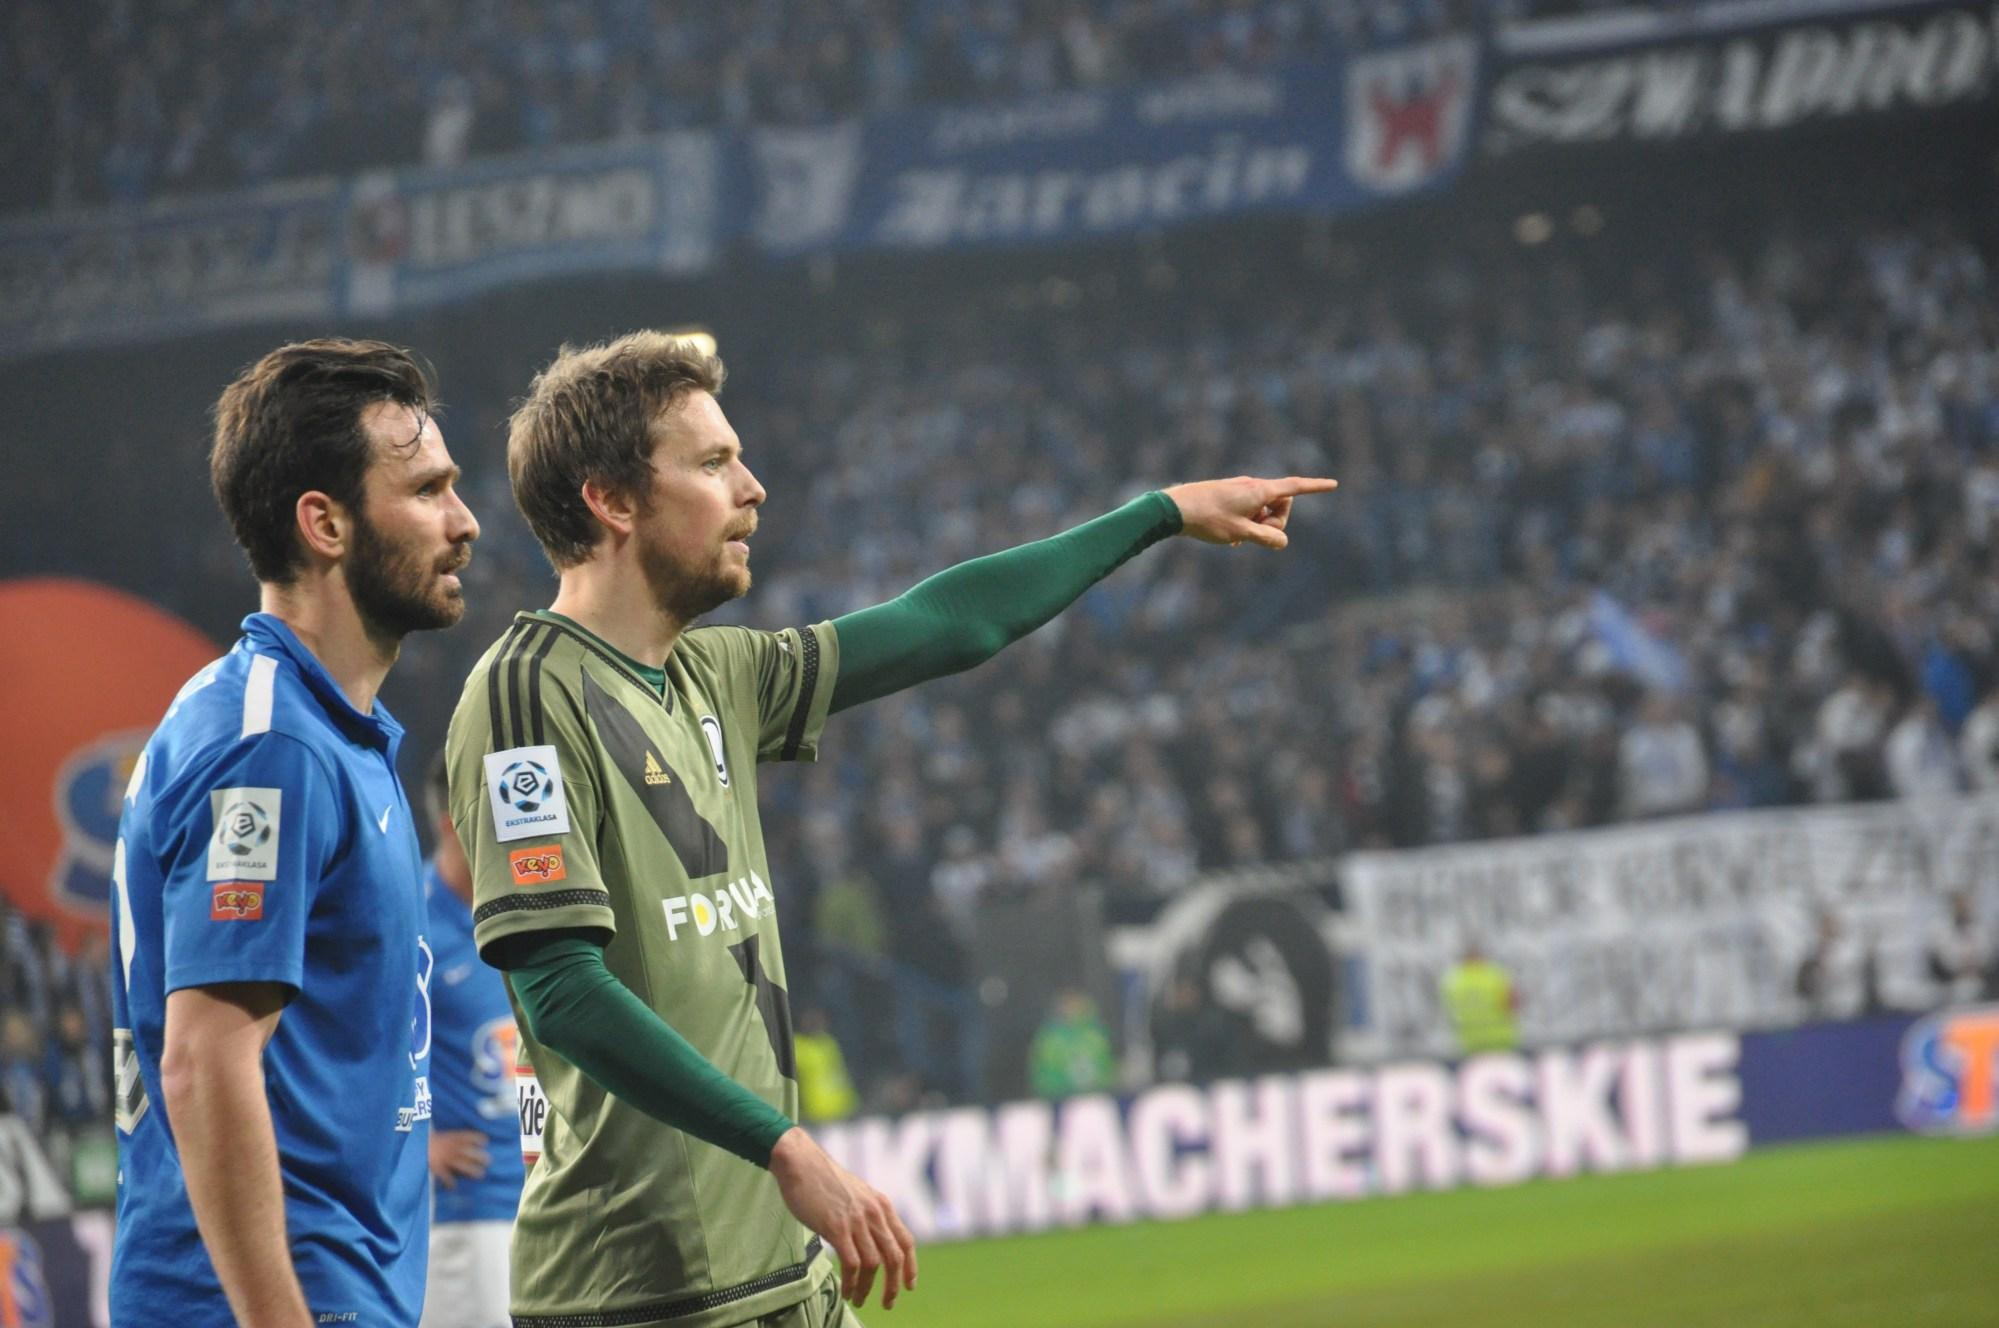 Två män på fotbollsplan